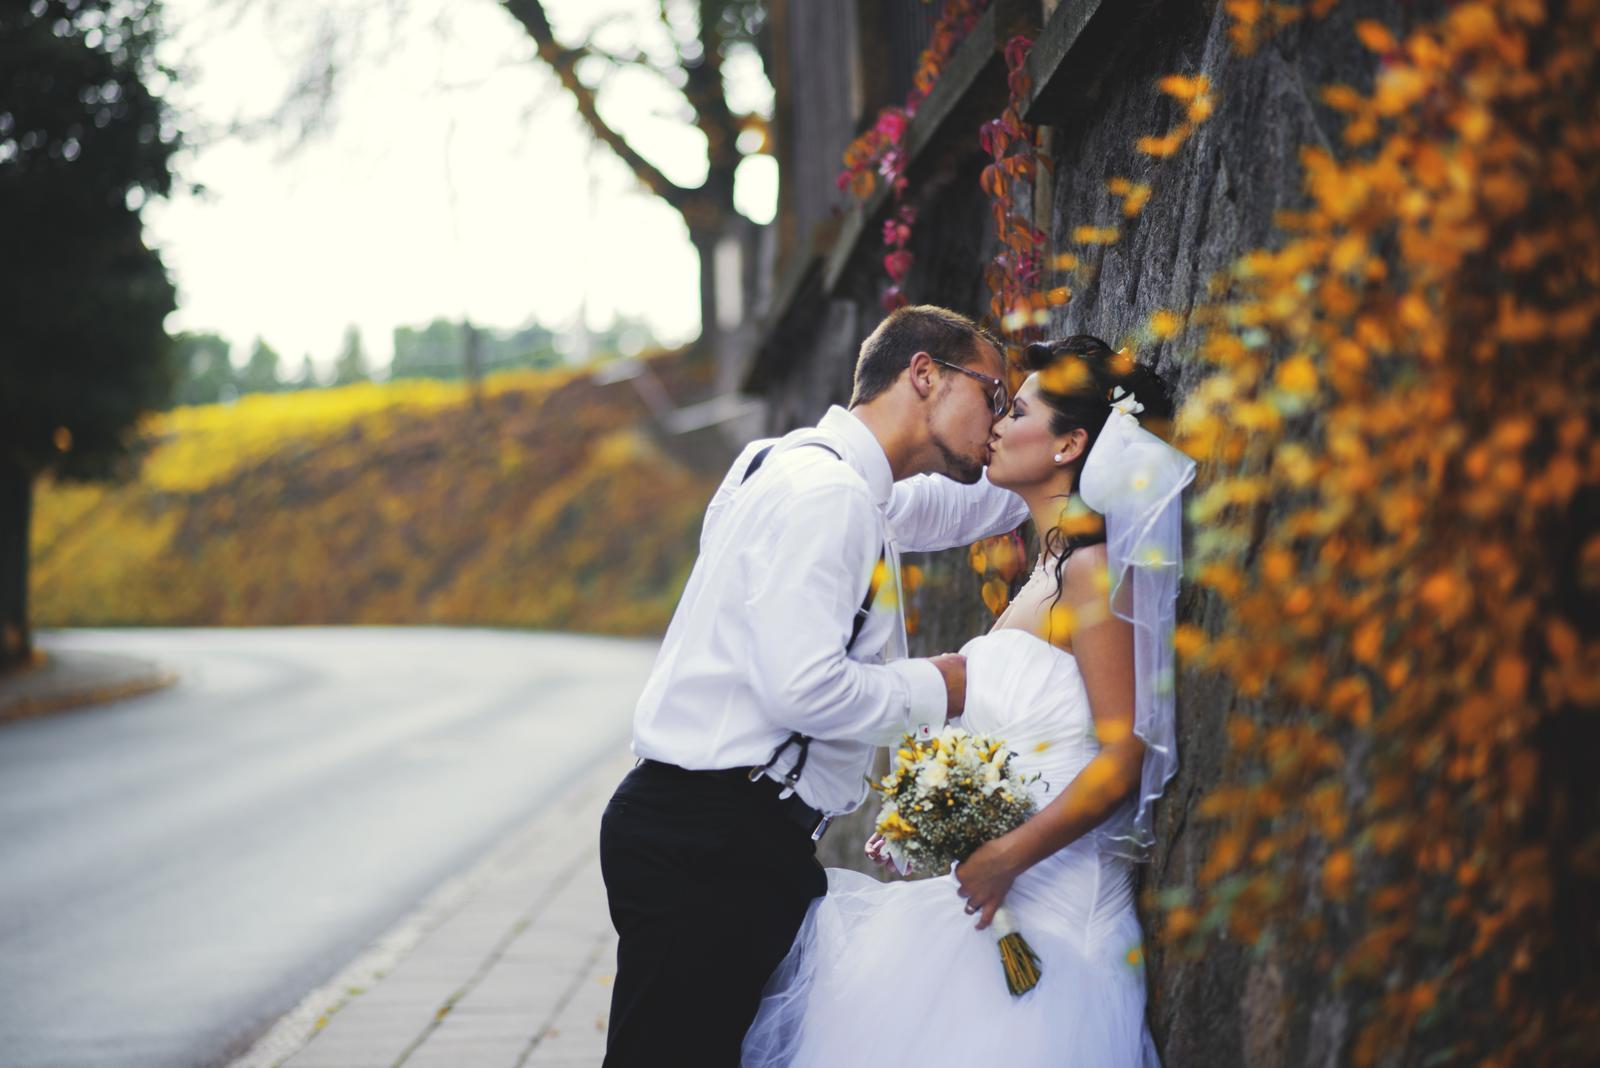 Deniska a Honzík......:-) - Obrázok č. 1